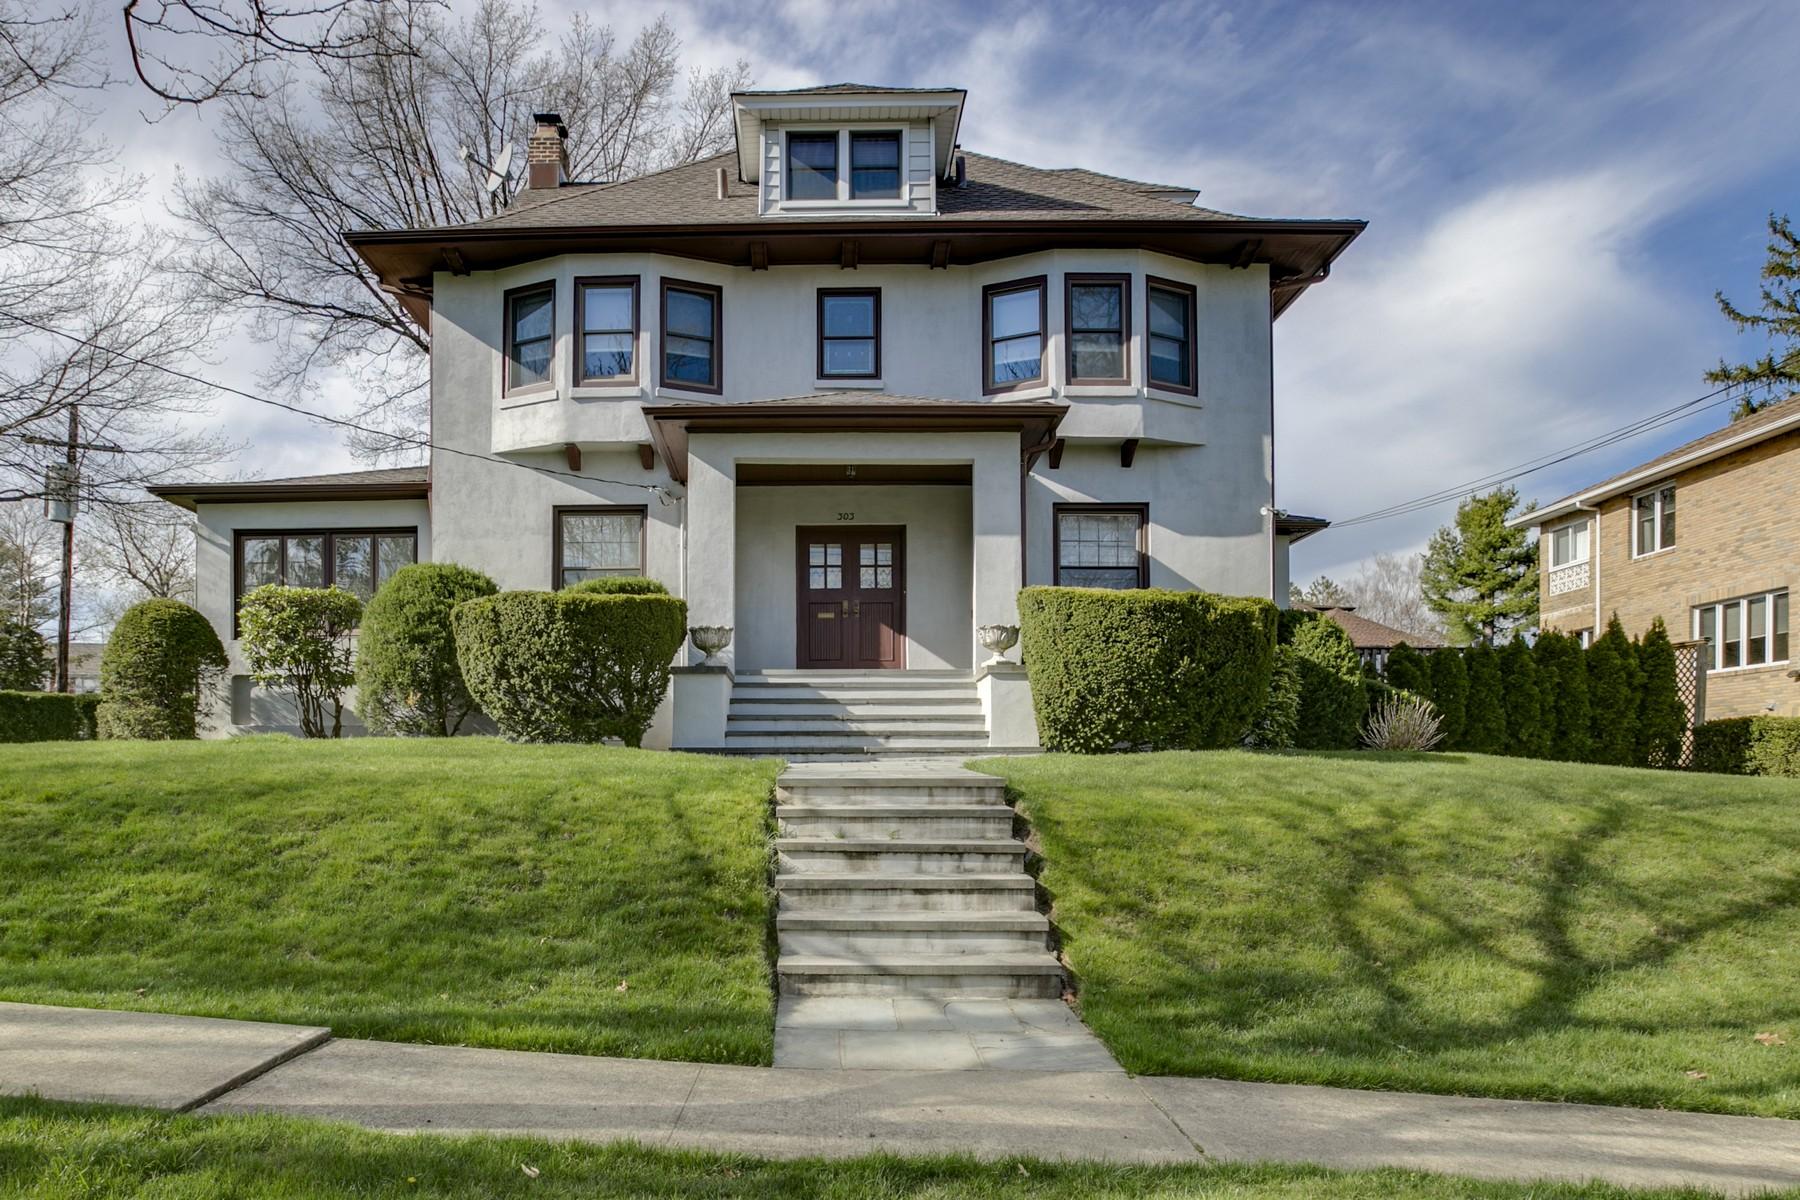 Casa Unifamiliar por un Venta en Colonial 303 Forest Rd Douglaston, Nueva York, 11363 Estados Unidos